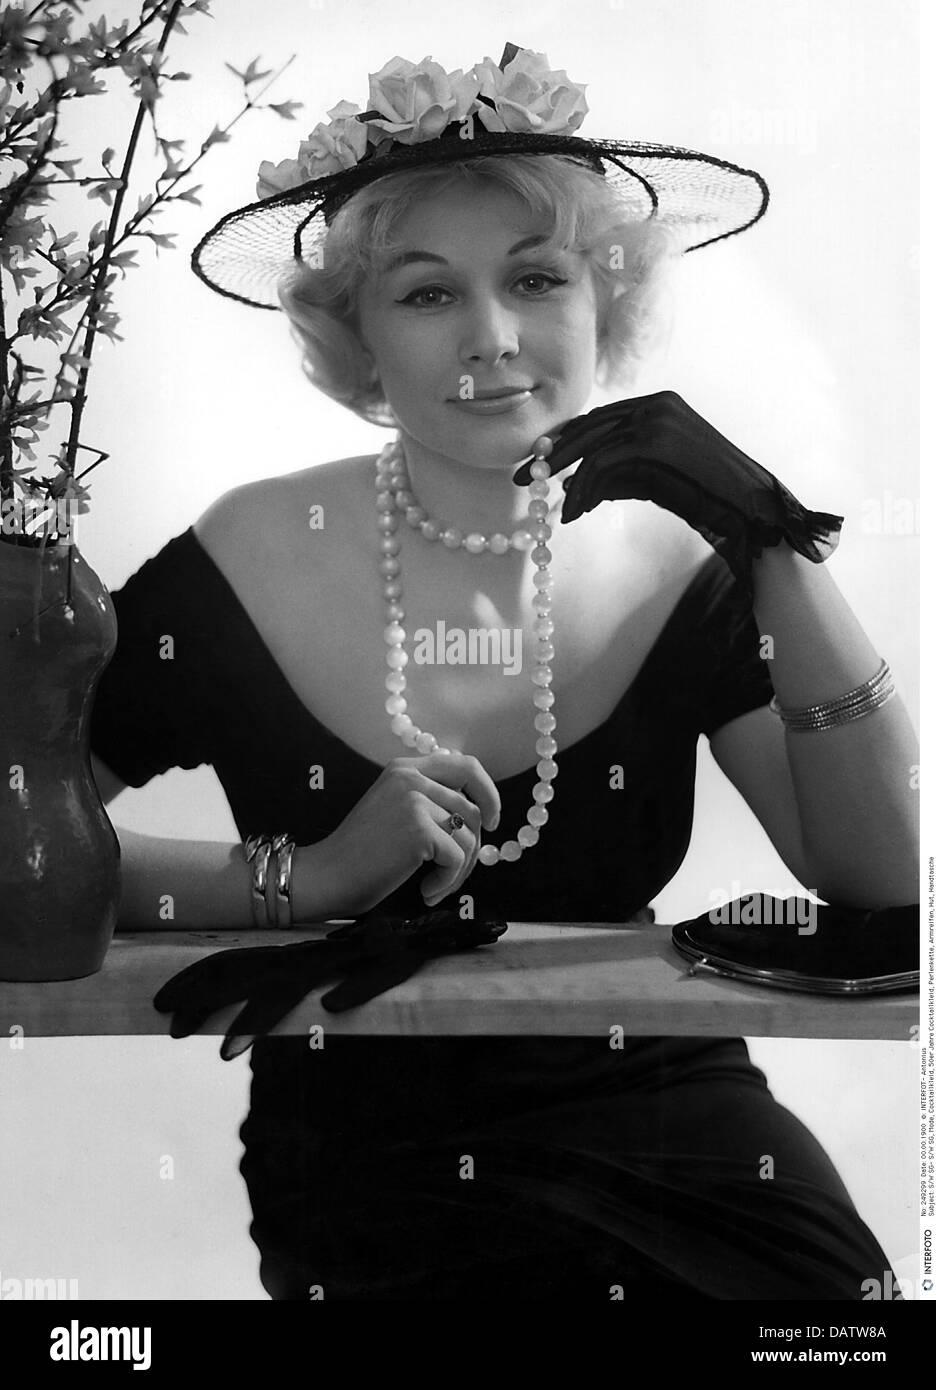 La mode, les années 1950, la mode des dames, femme portant robe de cocktail, , Additional-Rights-Clearences Photo Stock